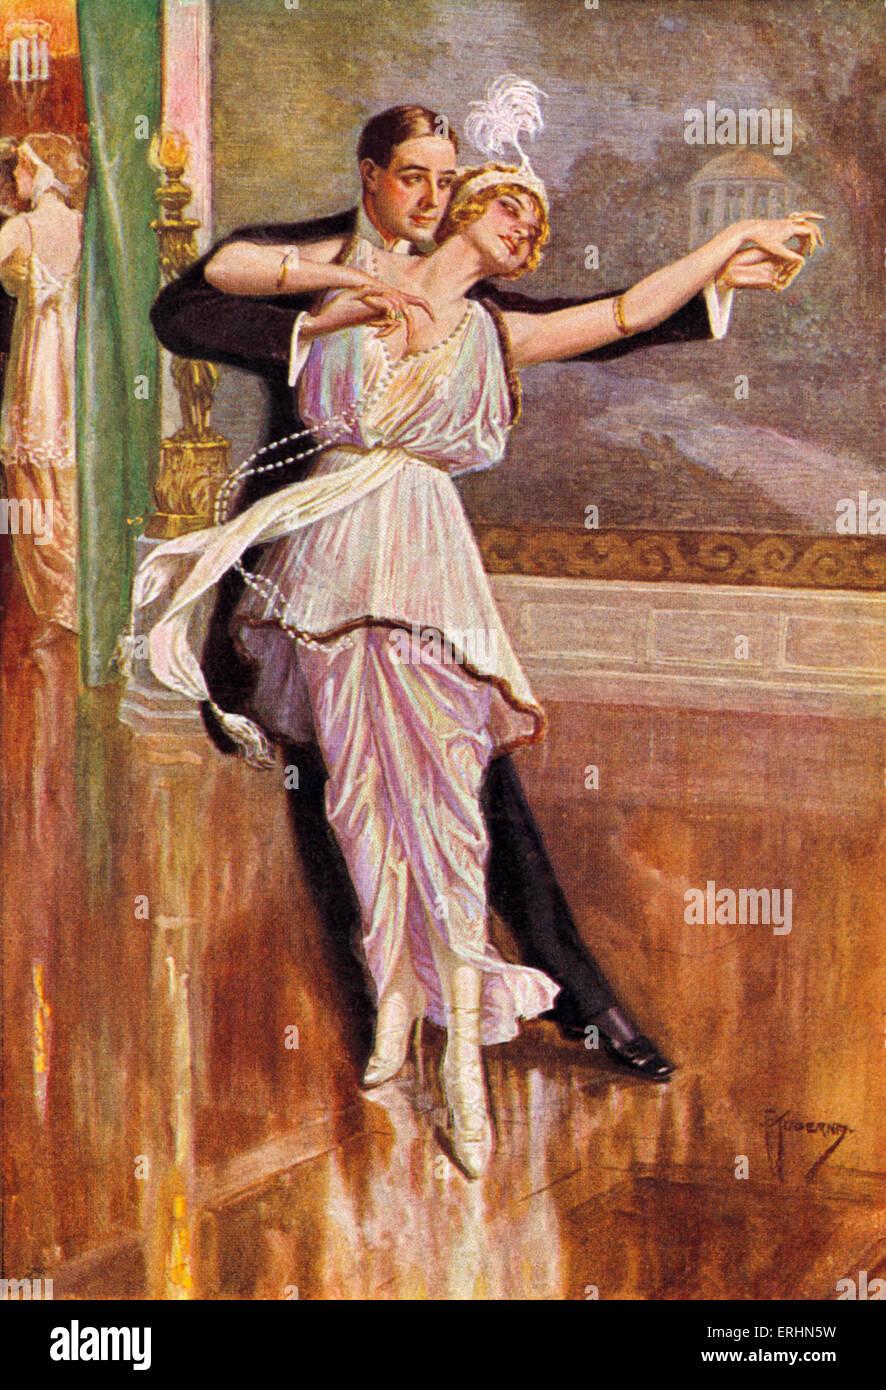 Paare tanzen in Wien Ende 19. Jh. von Kuderny. Frau trägt eine Feder Kopfschmuck und lange Kette aus Perlen. Stockfoto